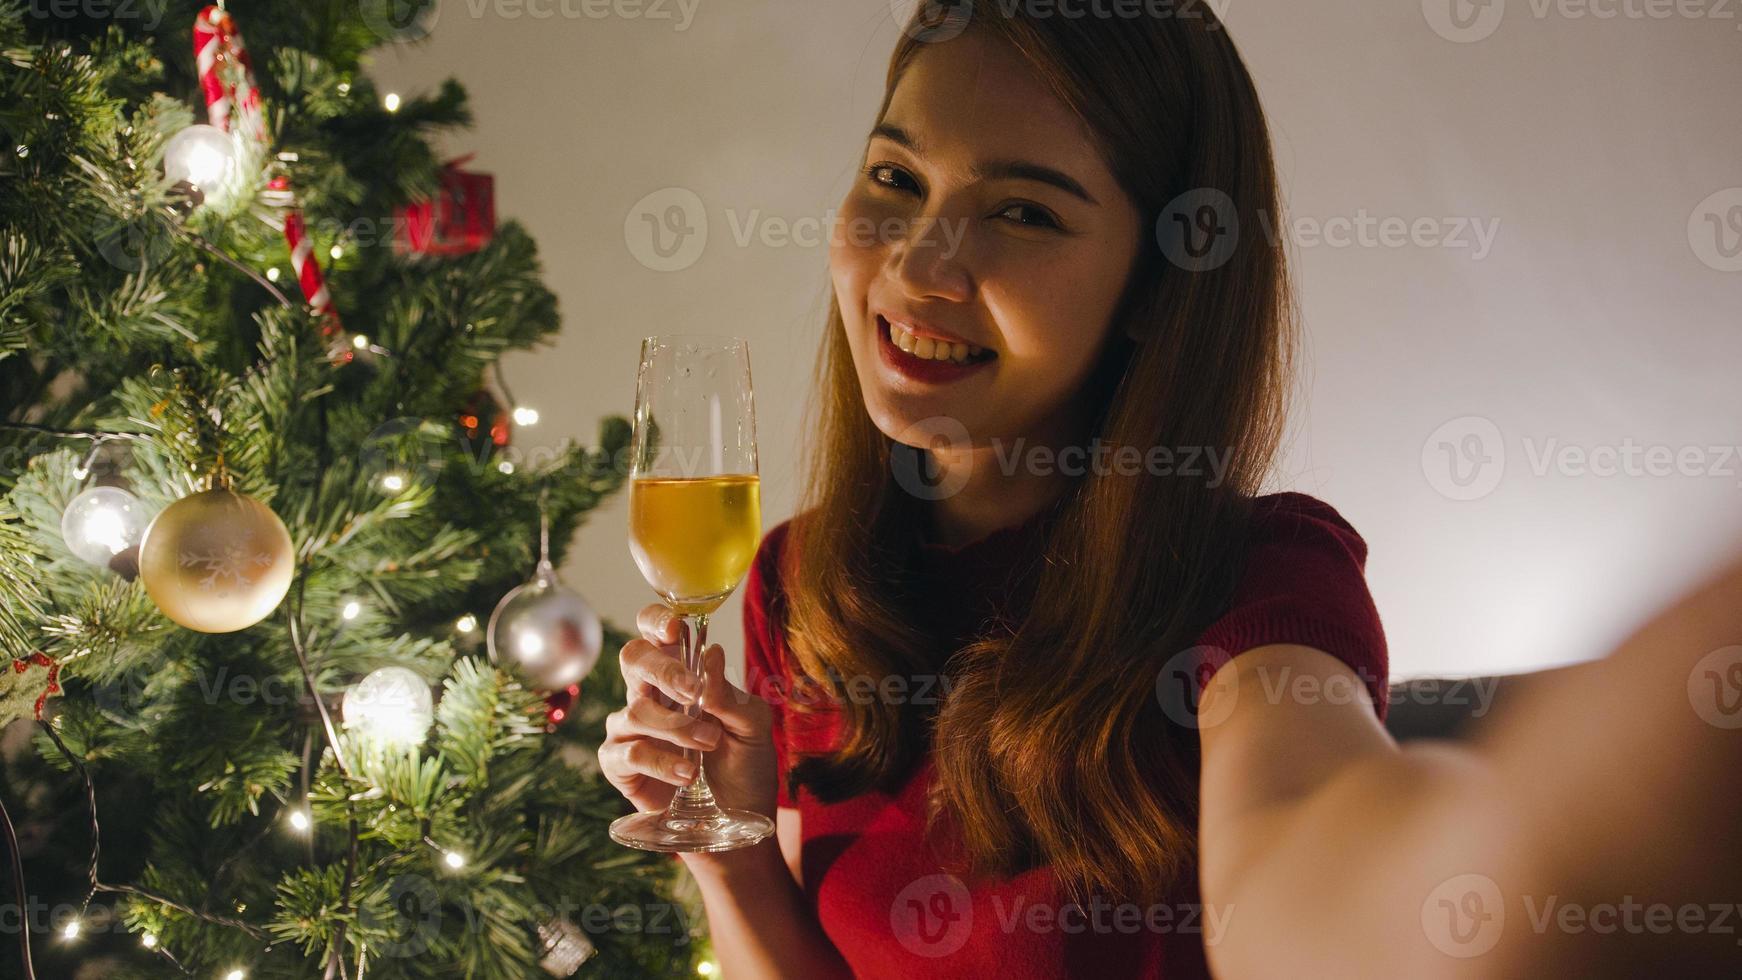 jovem ásia fêmea bebendo vinho se divertindo feliz noite festa videochamada com casal, árvore de natal decorada com enfeites na sala de estar em casa. noite de natal e festival de feriado de ano novo. foto